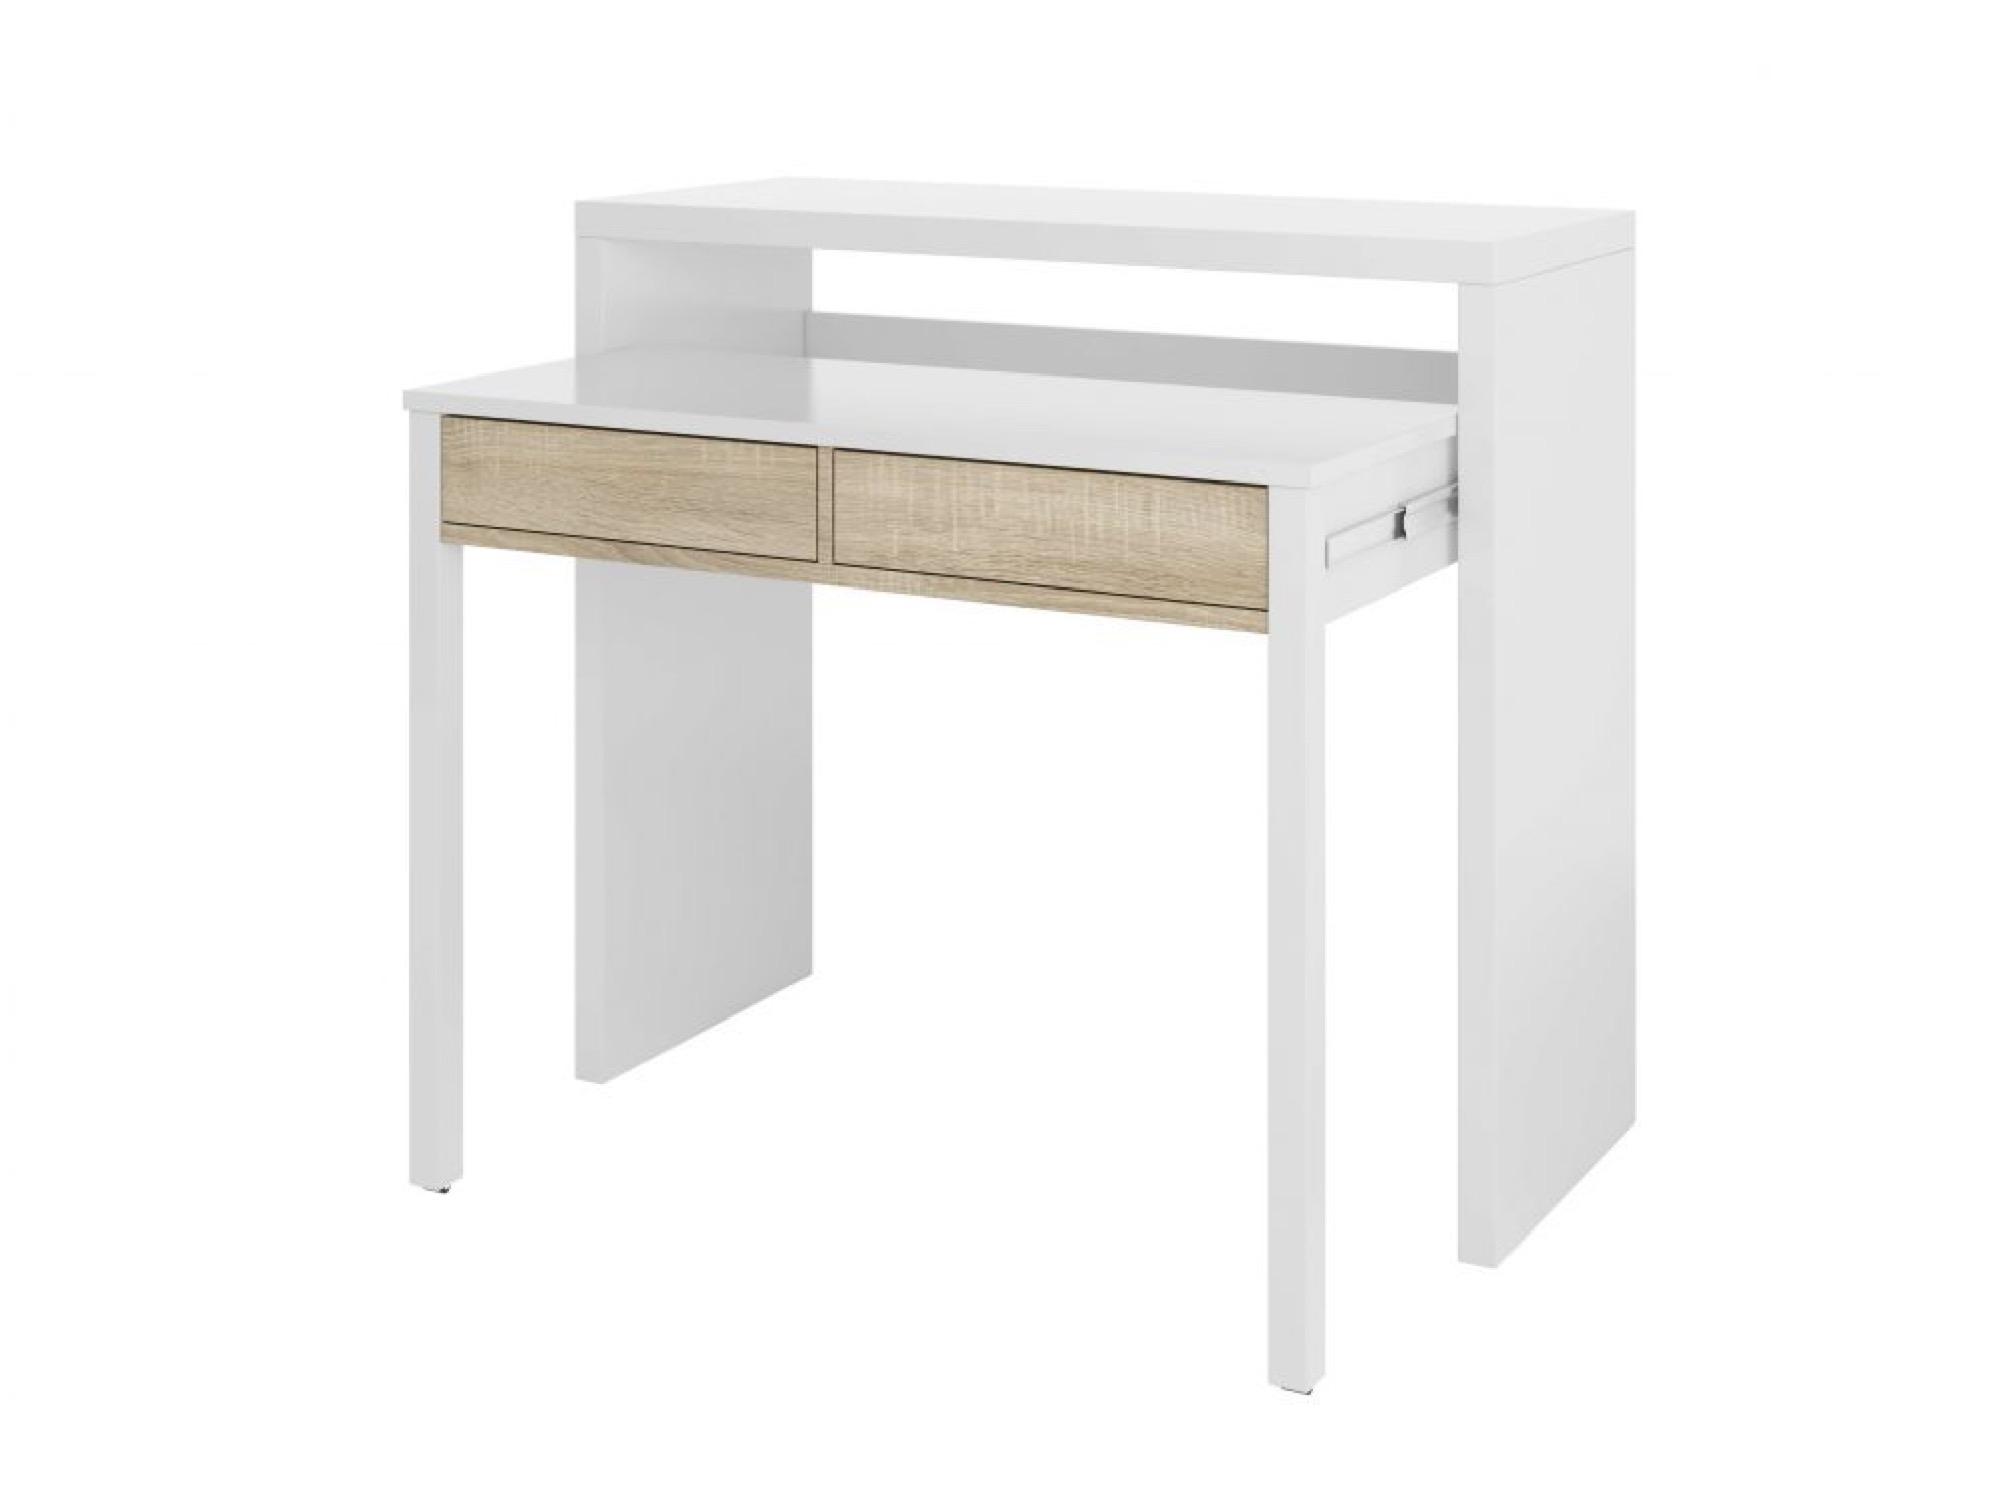 Bureau blanc/bois extensible 2 tiroirs L99cm